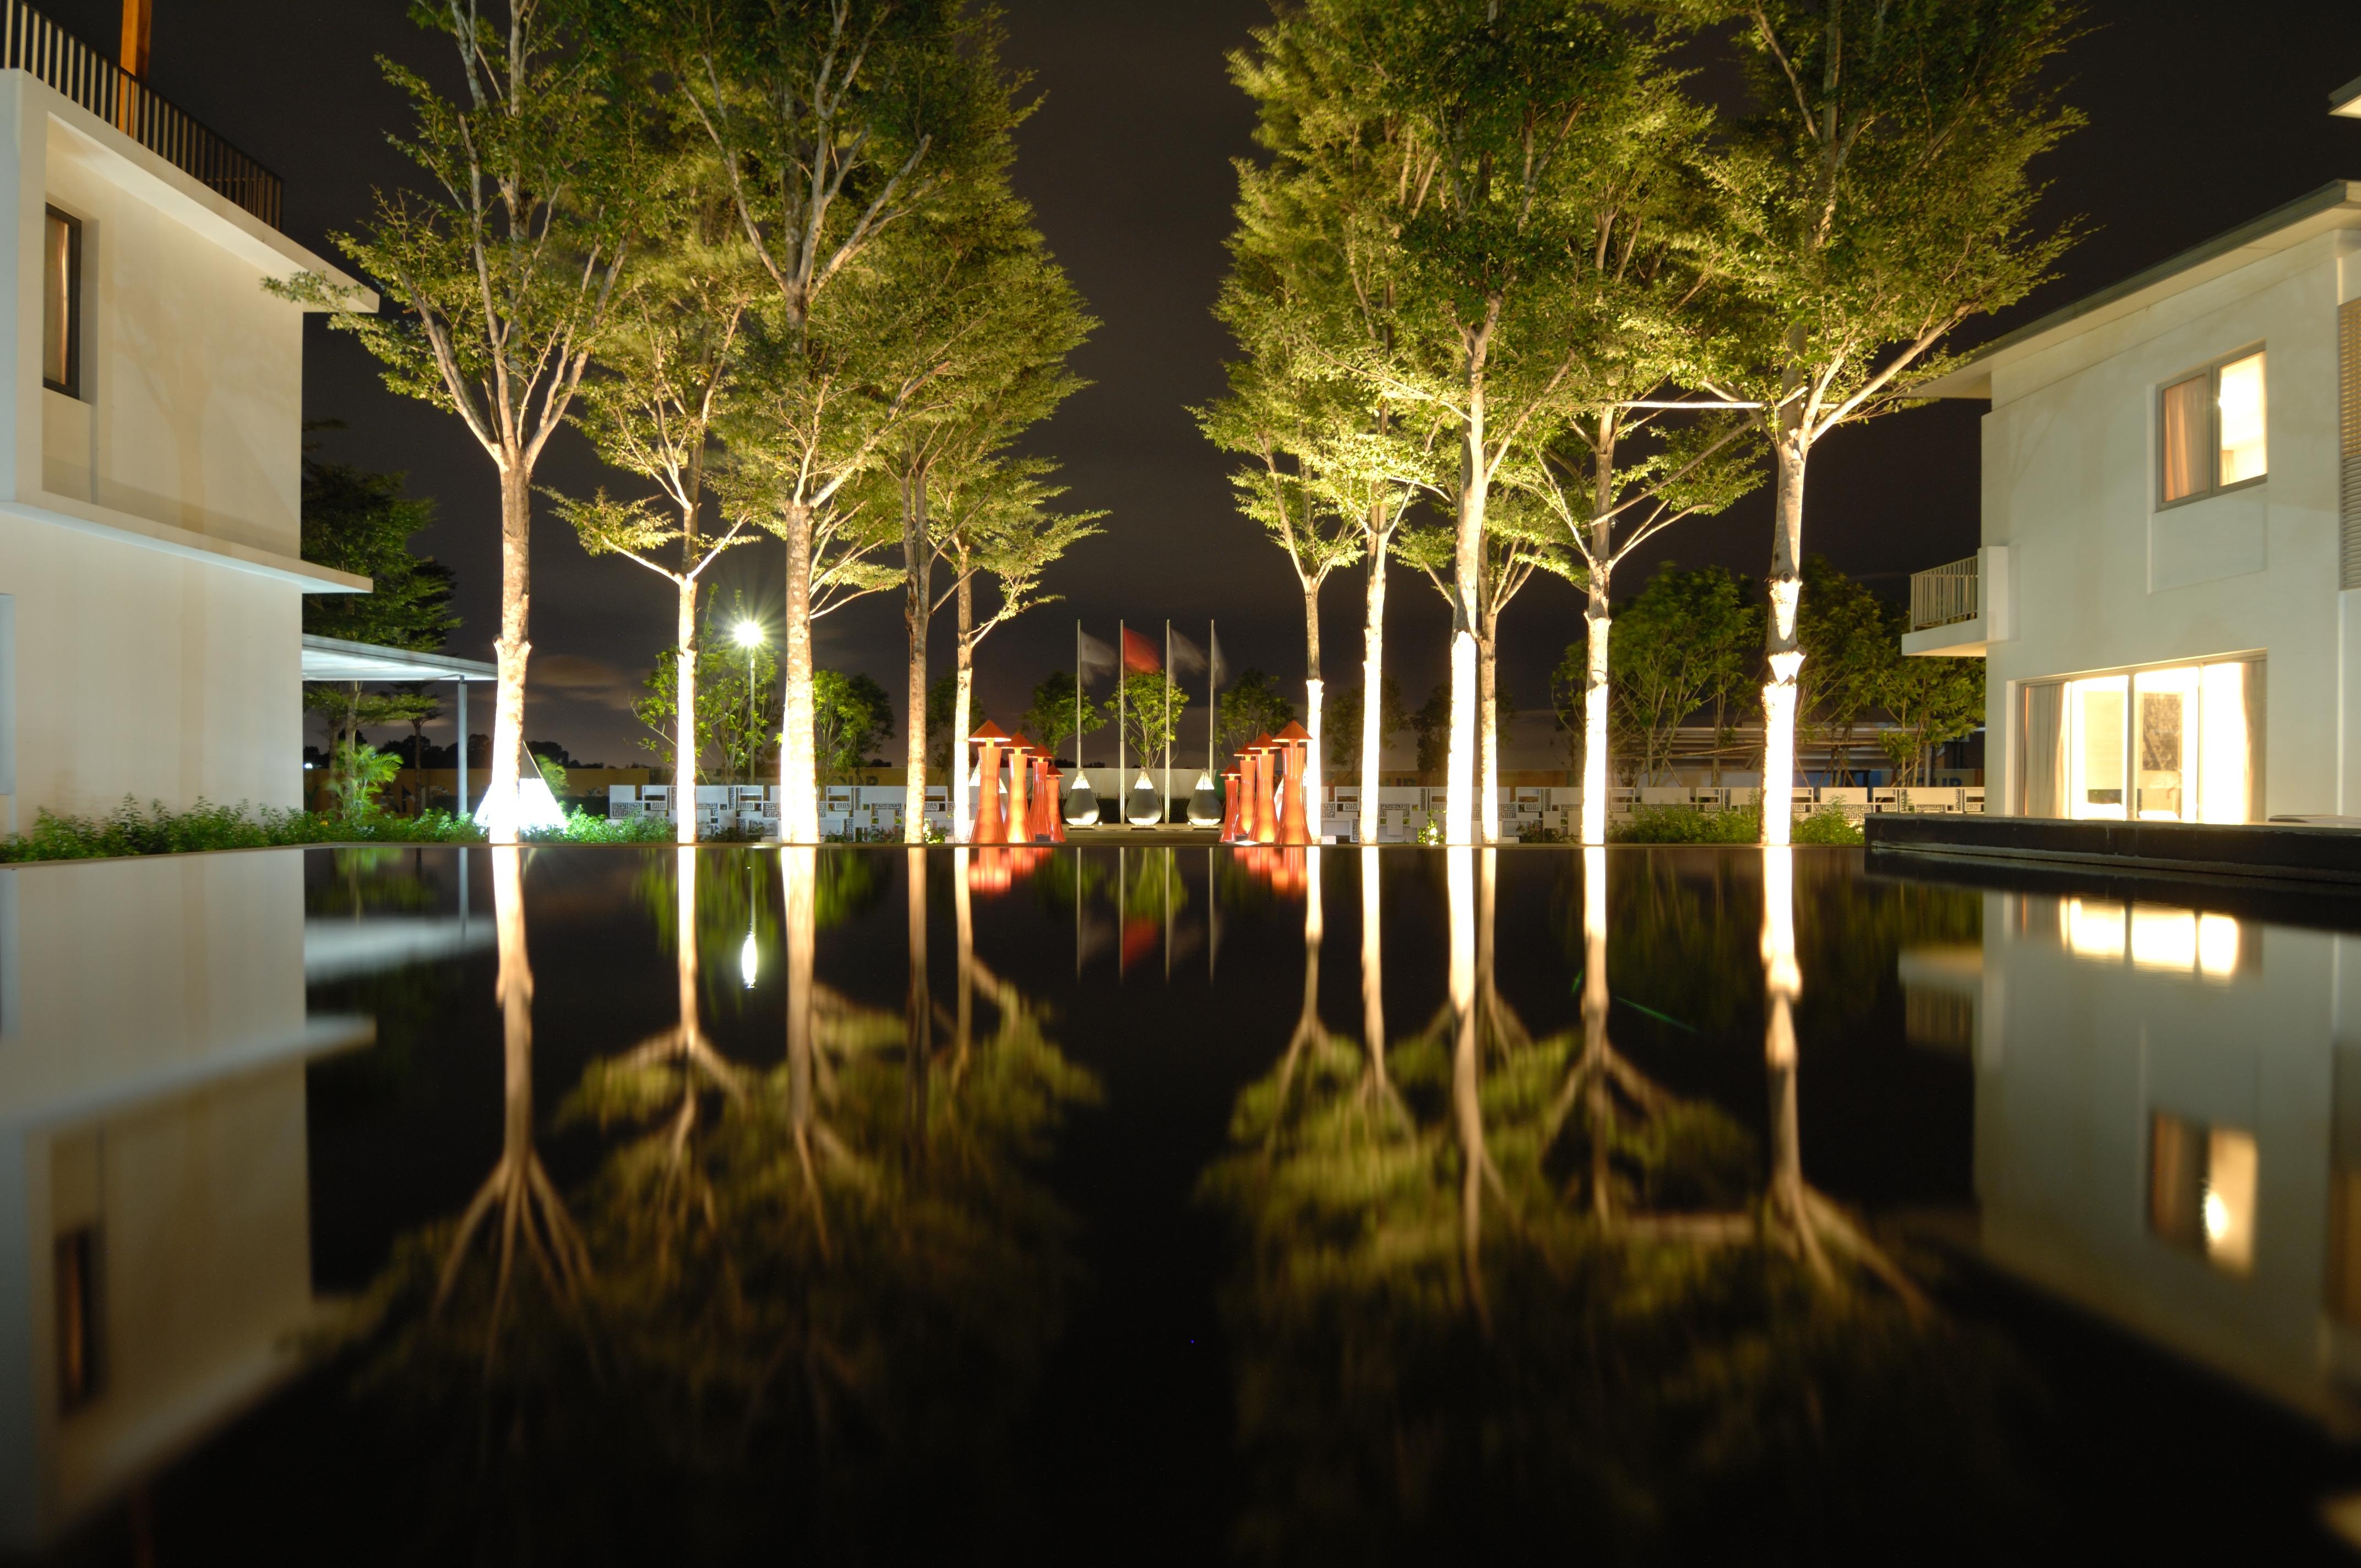 12-dai-phoc-lotus -refection pond